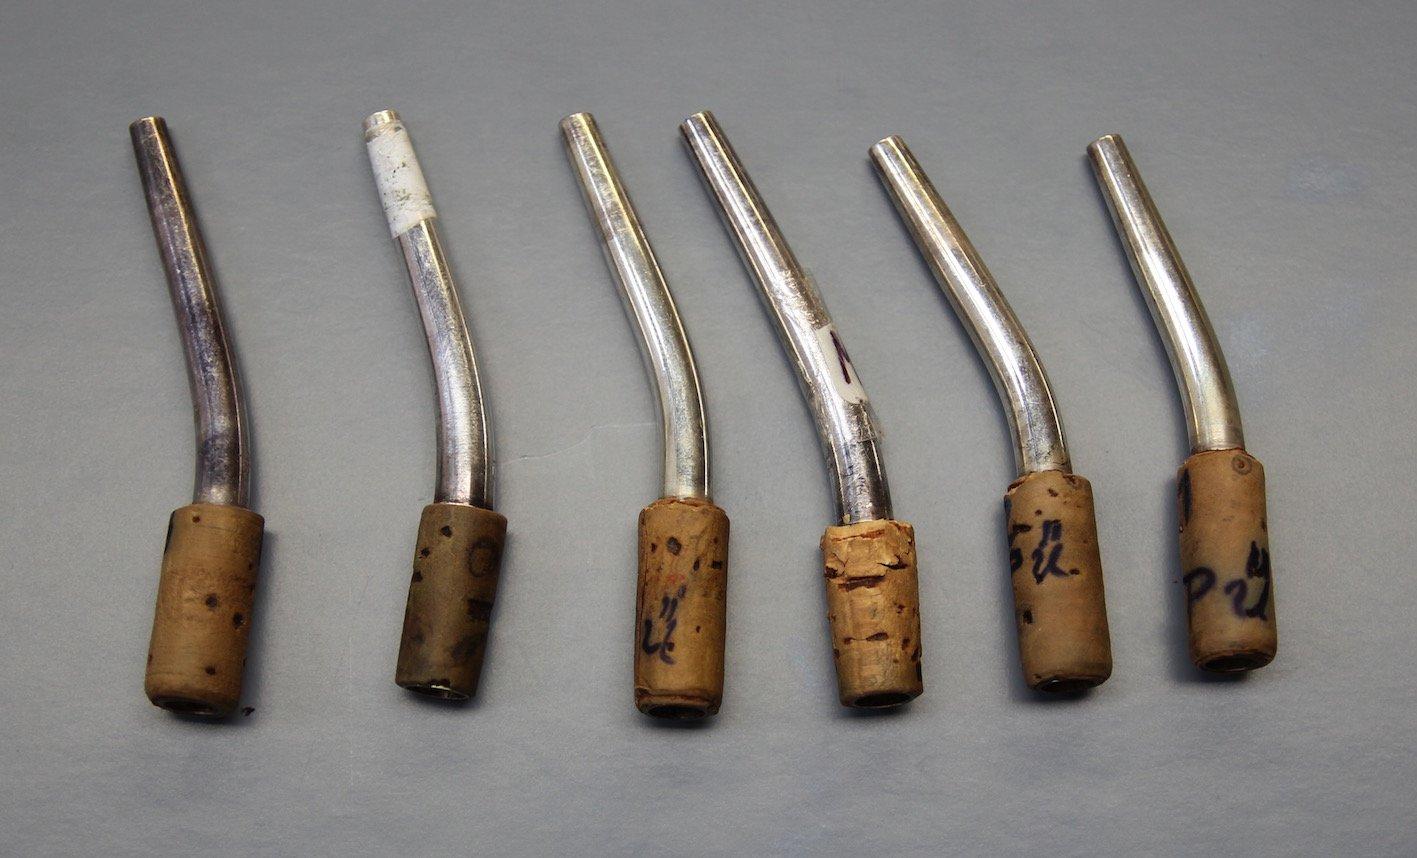 S-Bögen (Stecker) für Oboe damore und Englischhorn